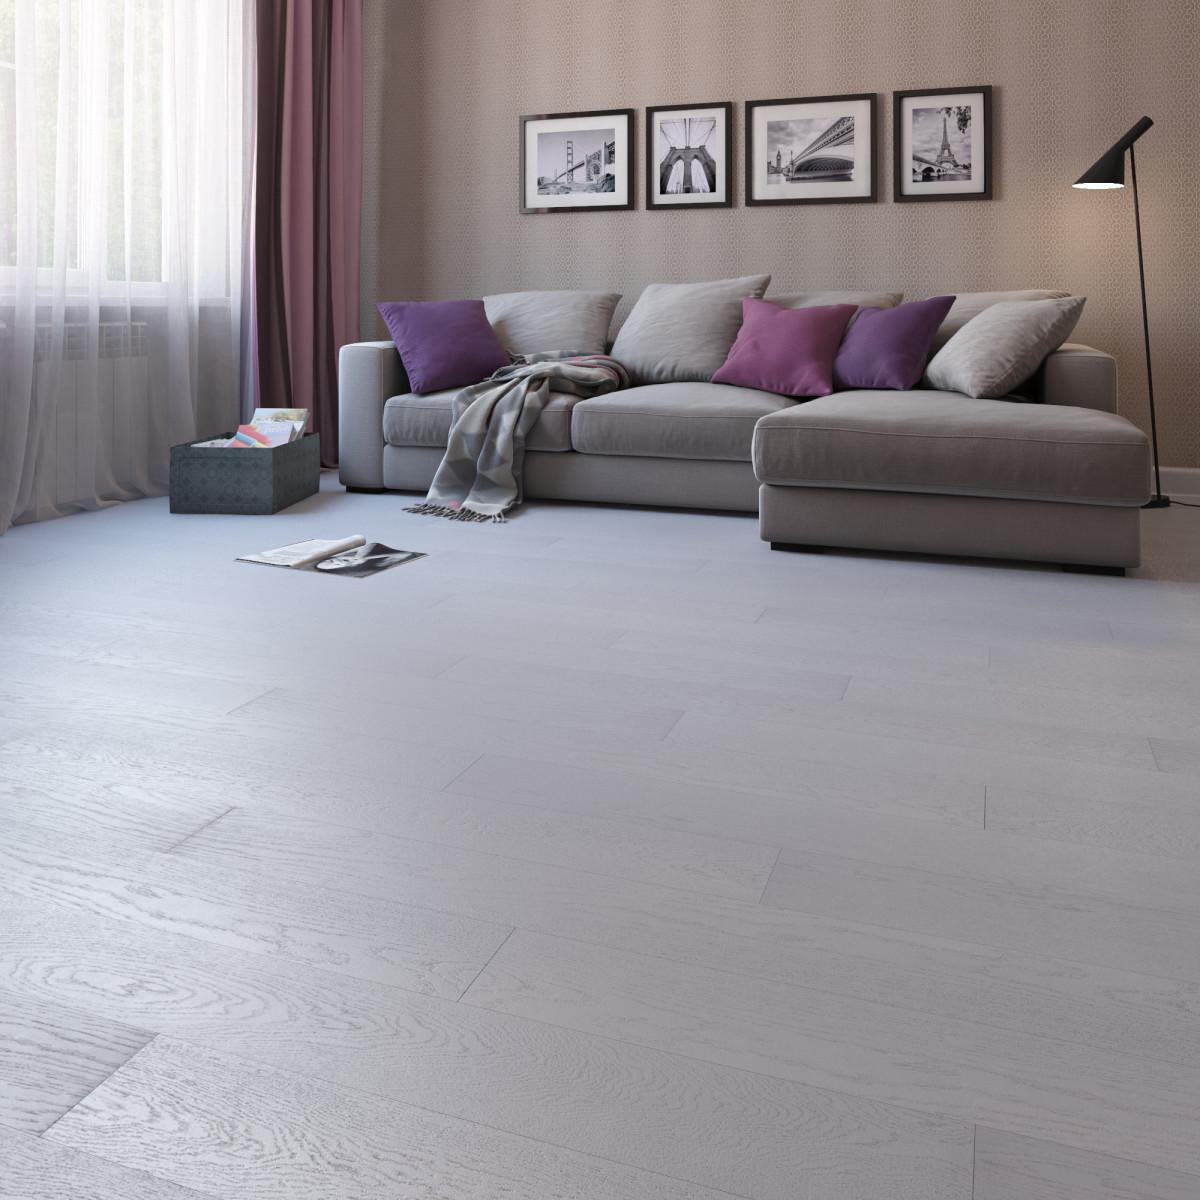 Ламинат Бурбон 33 класс толщина 12 мм 1.492 м²